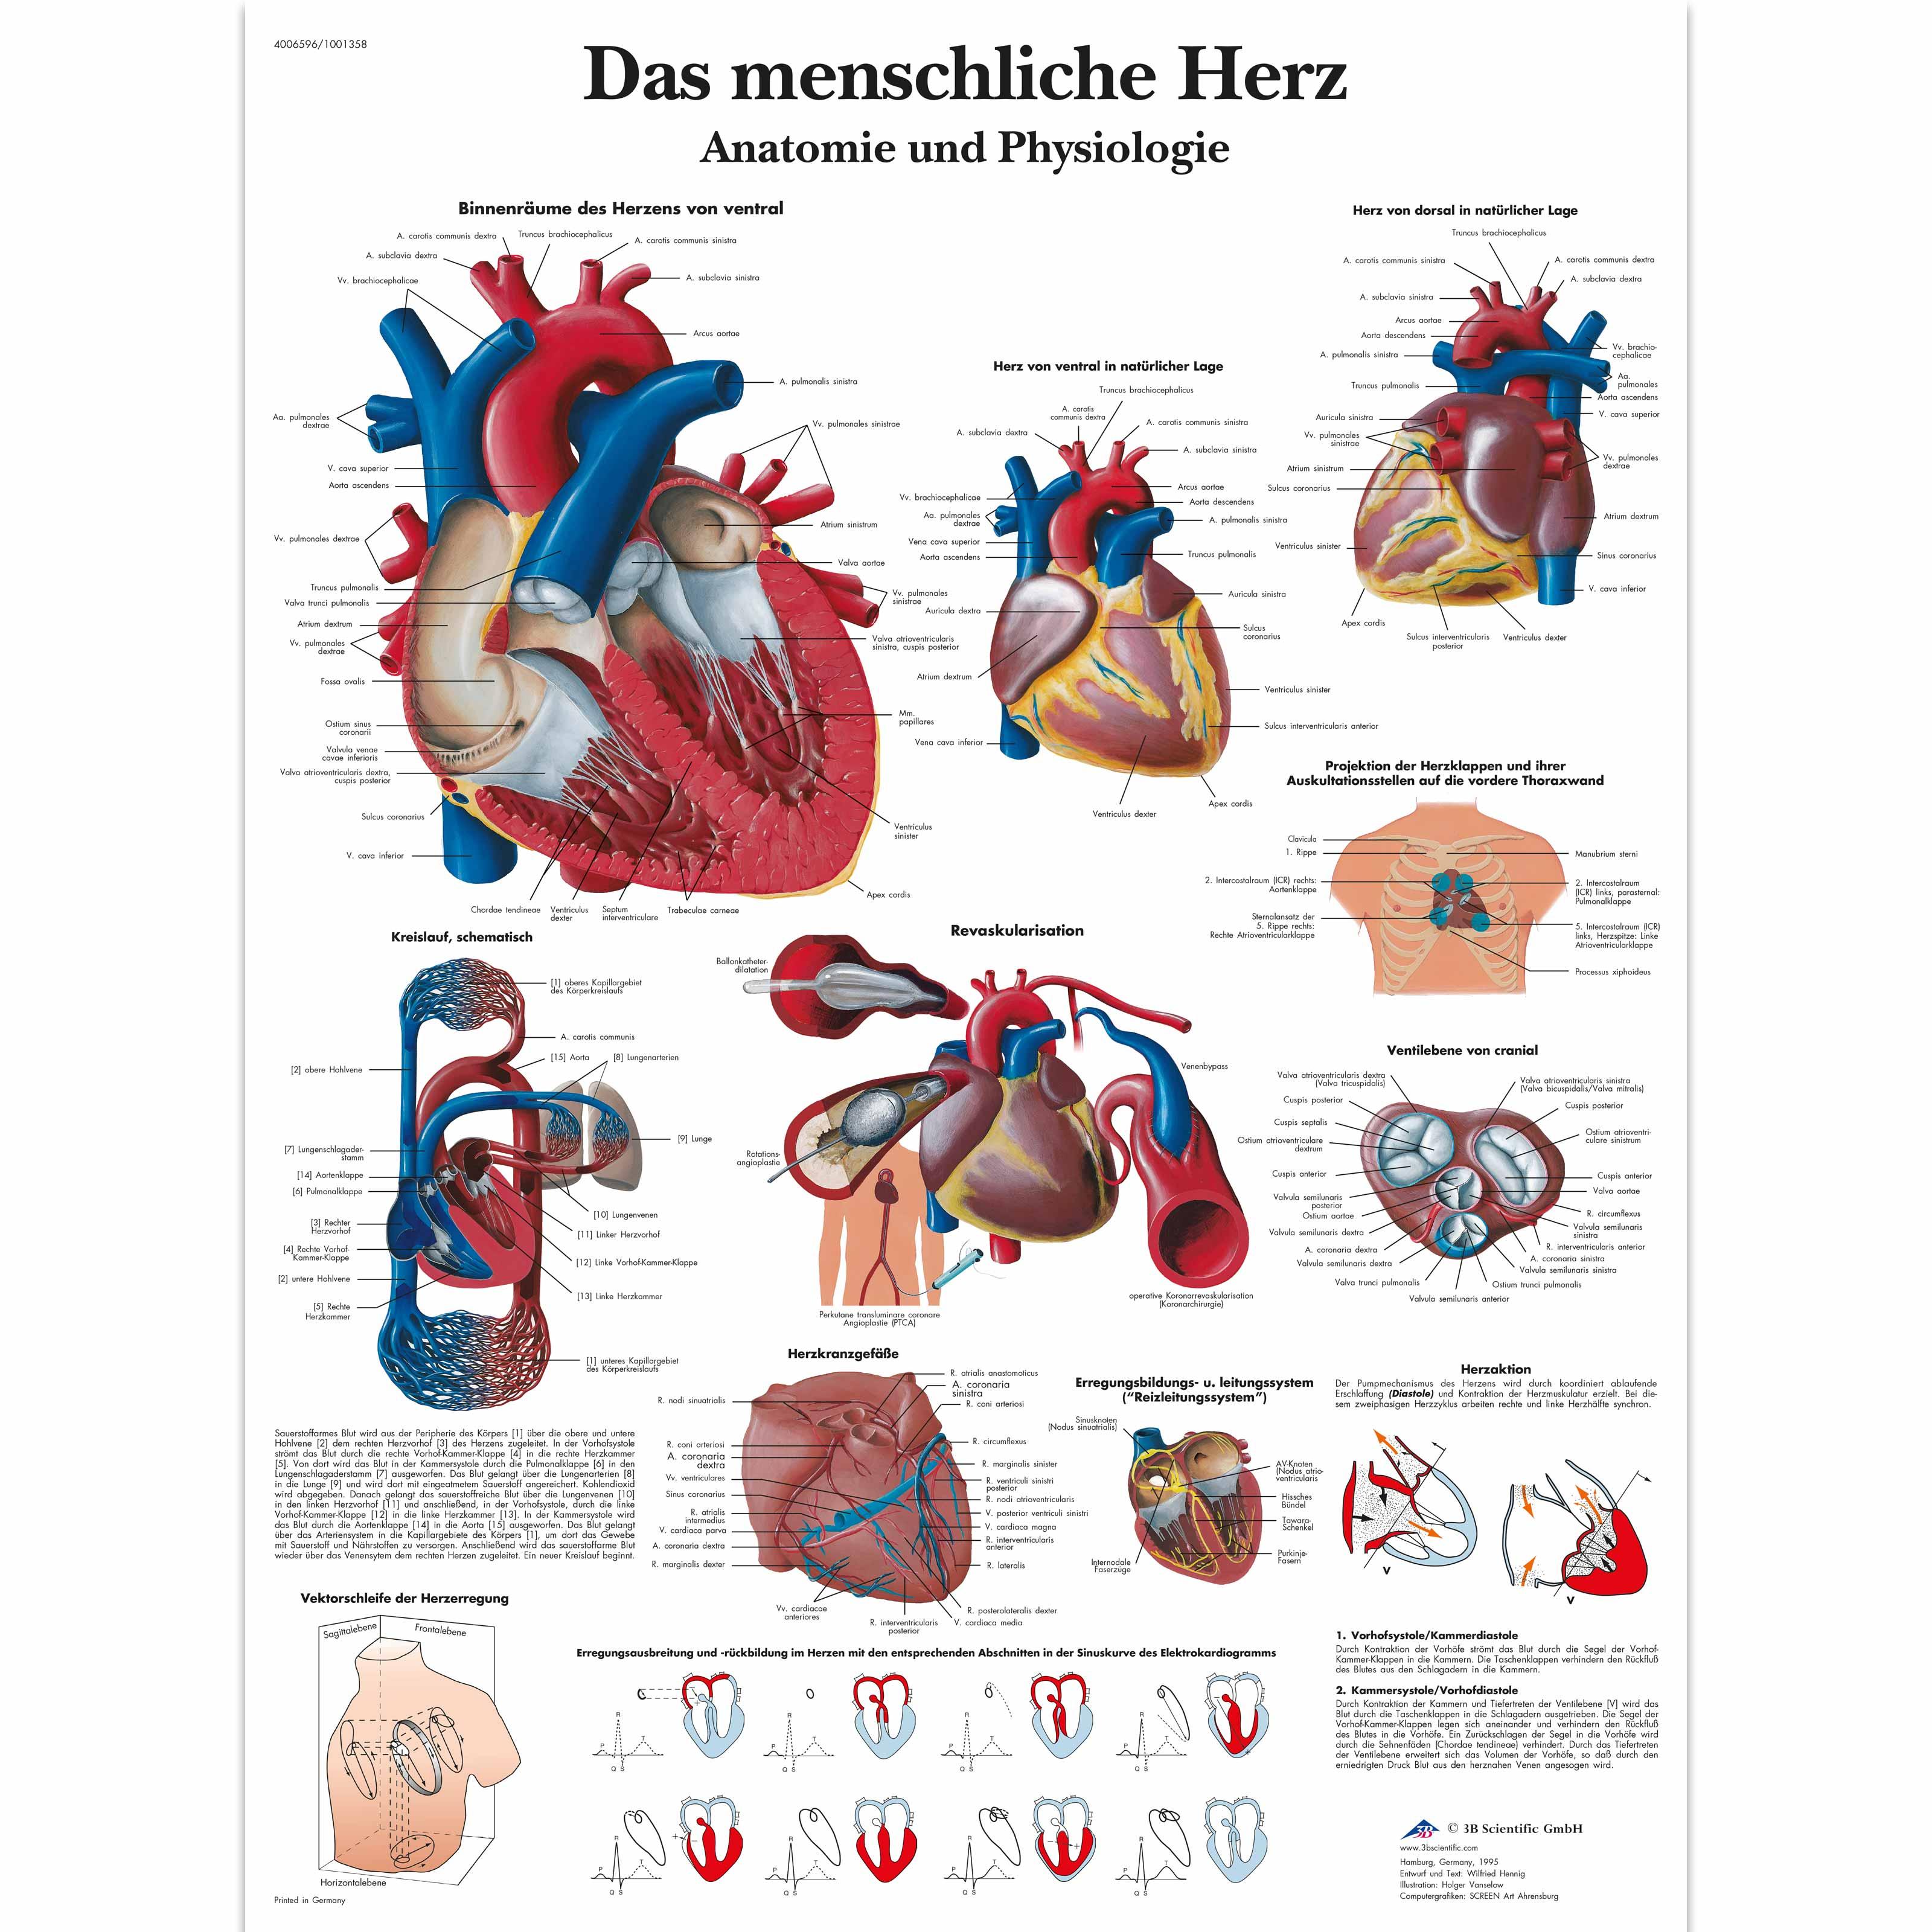 Das menschliche Herz - Anatomie und Physiologie - 4006596 - 3B ...